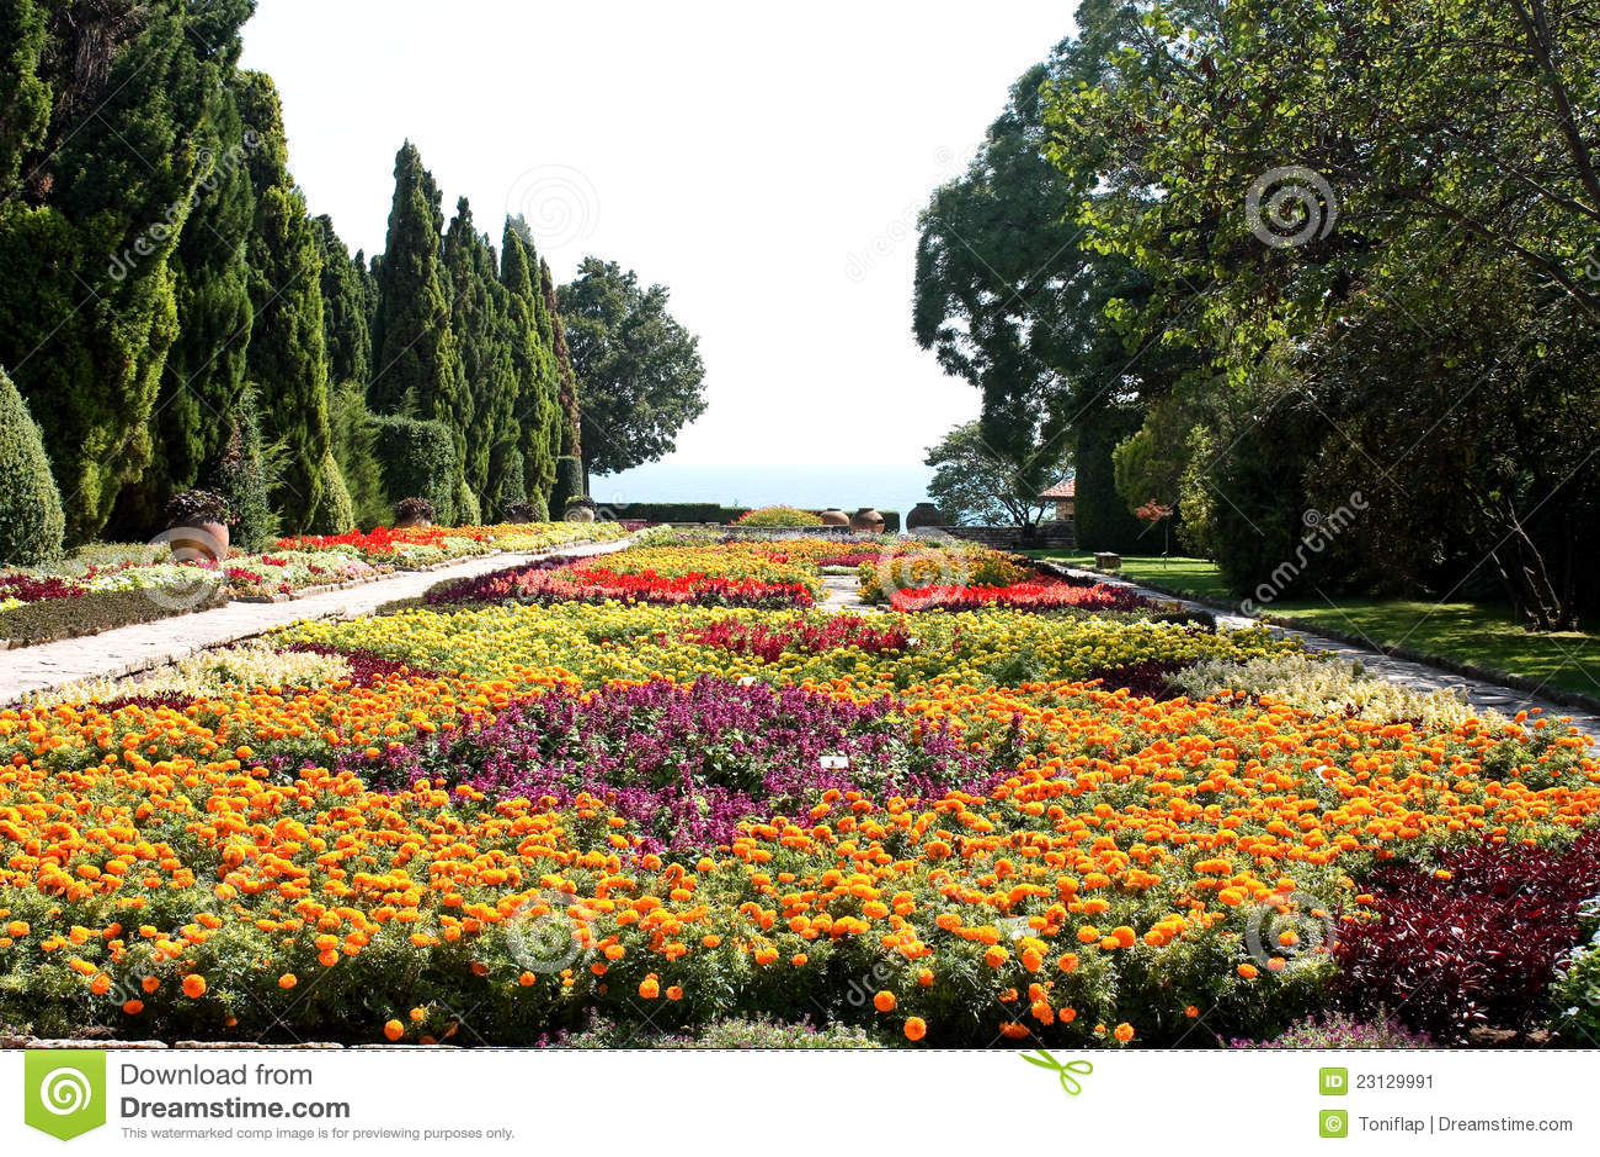 flores jardim do mar : flores jardim do mar:Jardim botânico com flores e mar. Residência da rainha romena pelo